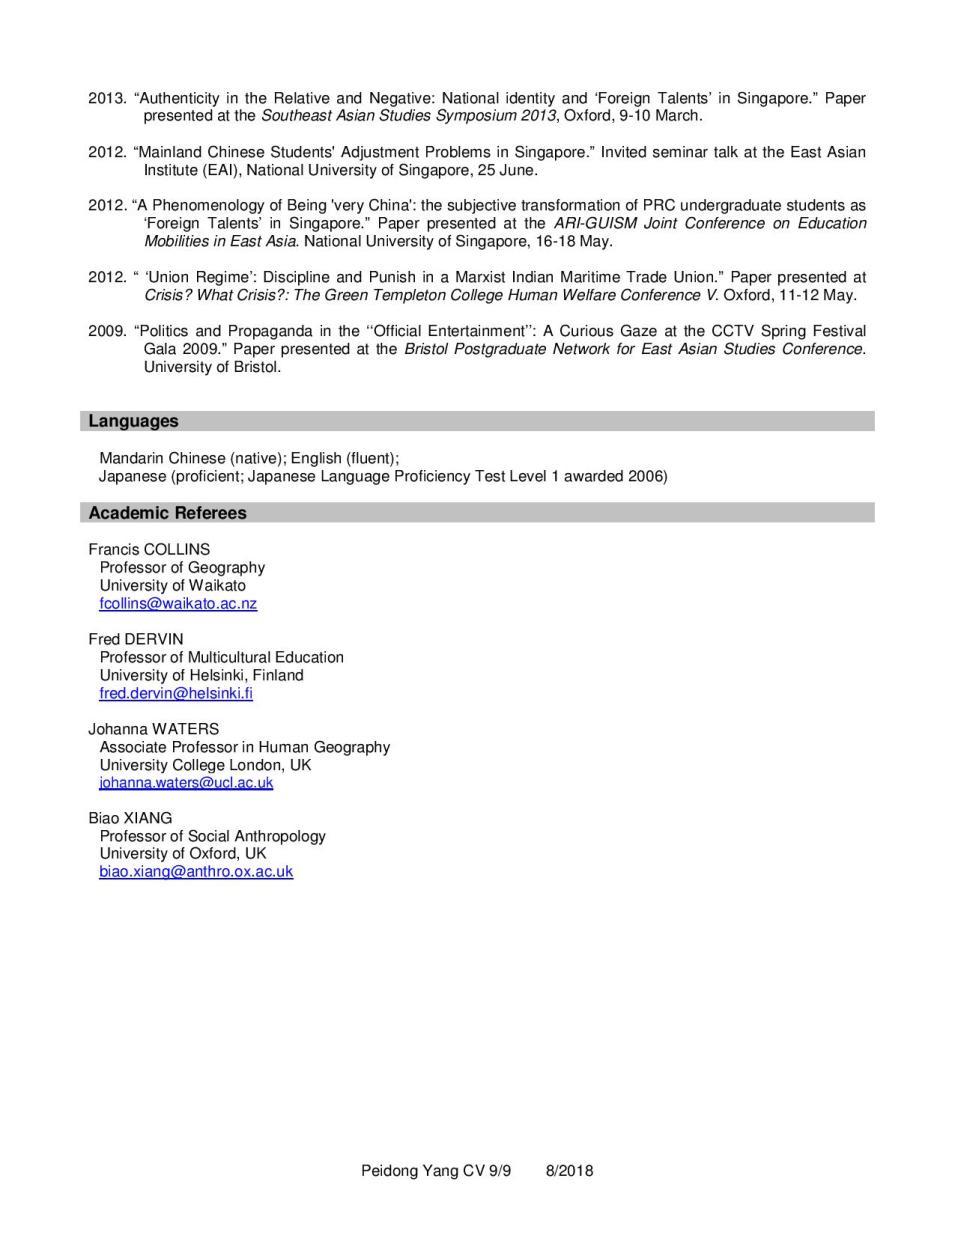 CV YANG Peidong_8.2018-page-009